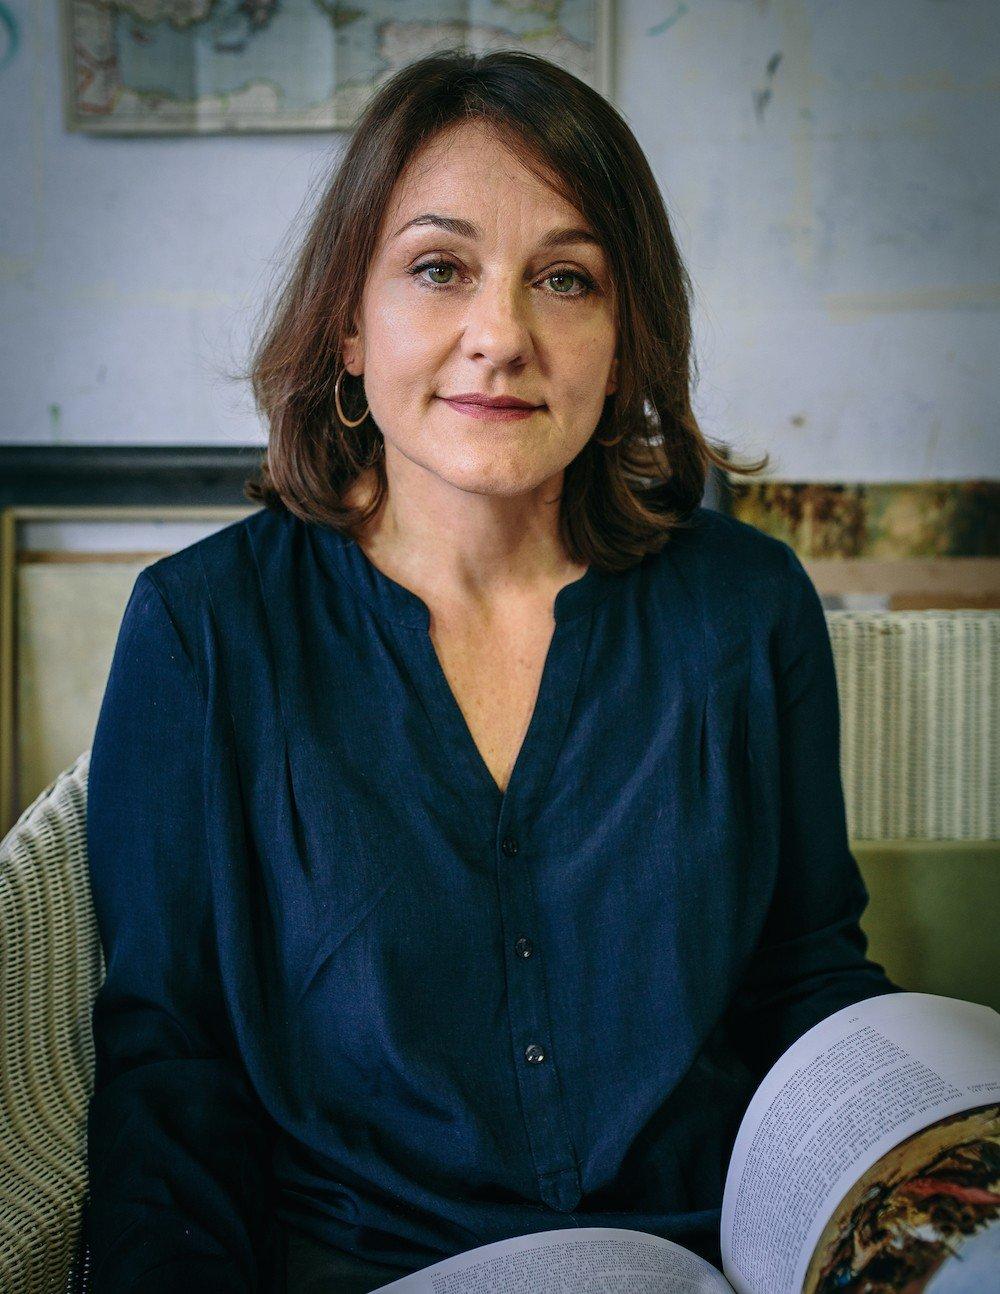 Marta Maretich